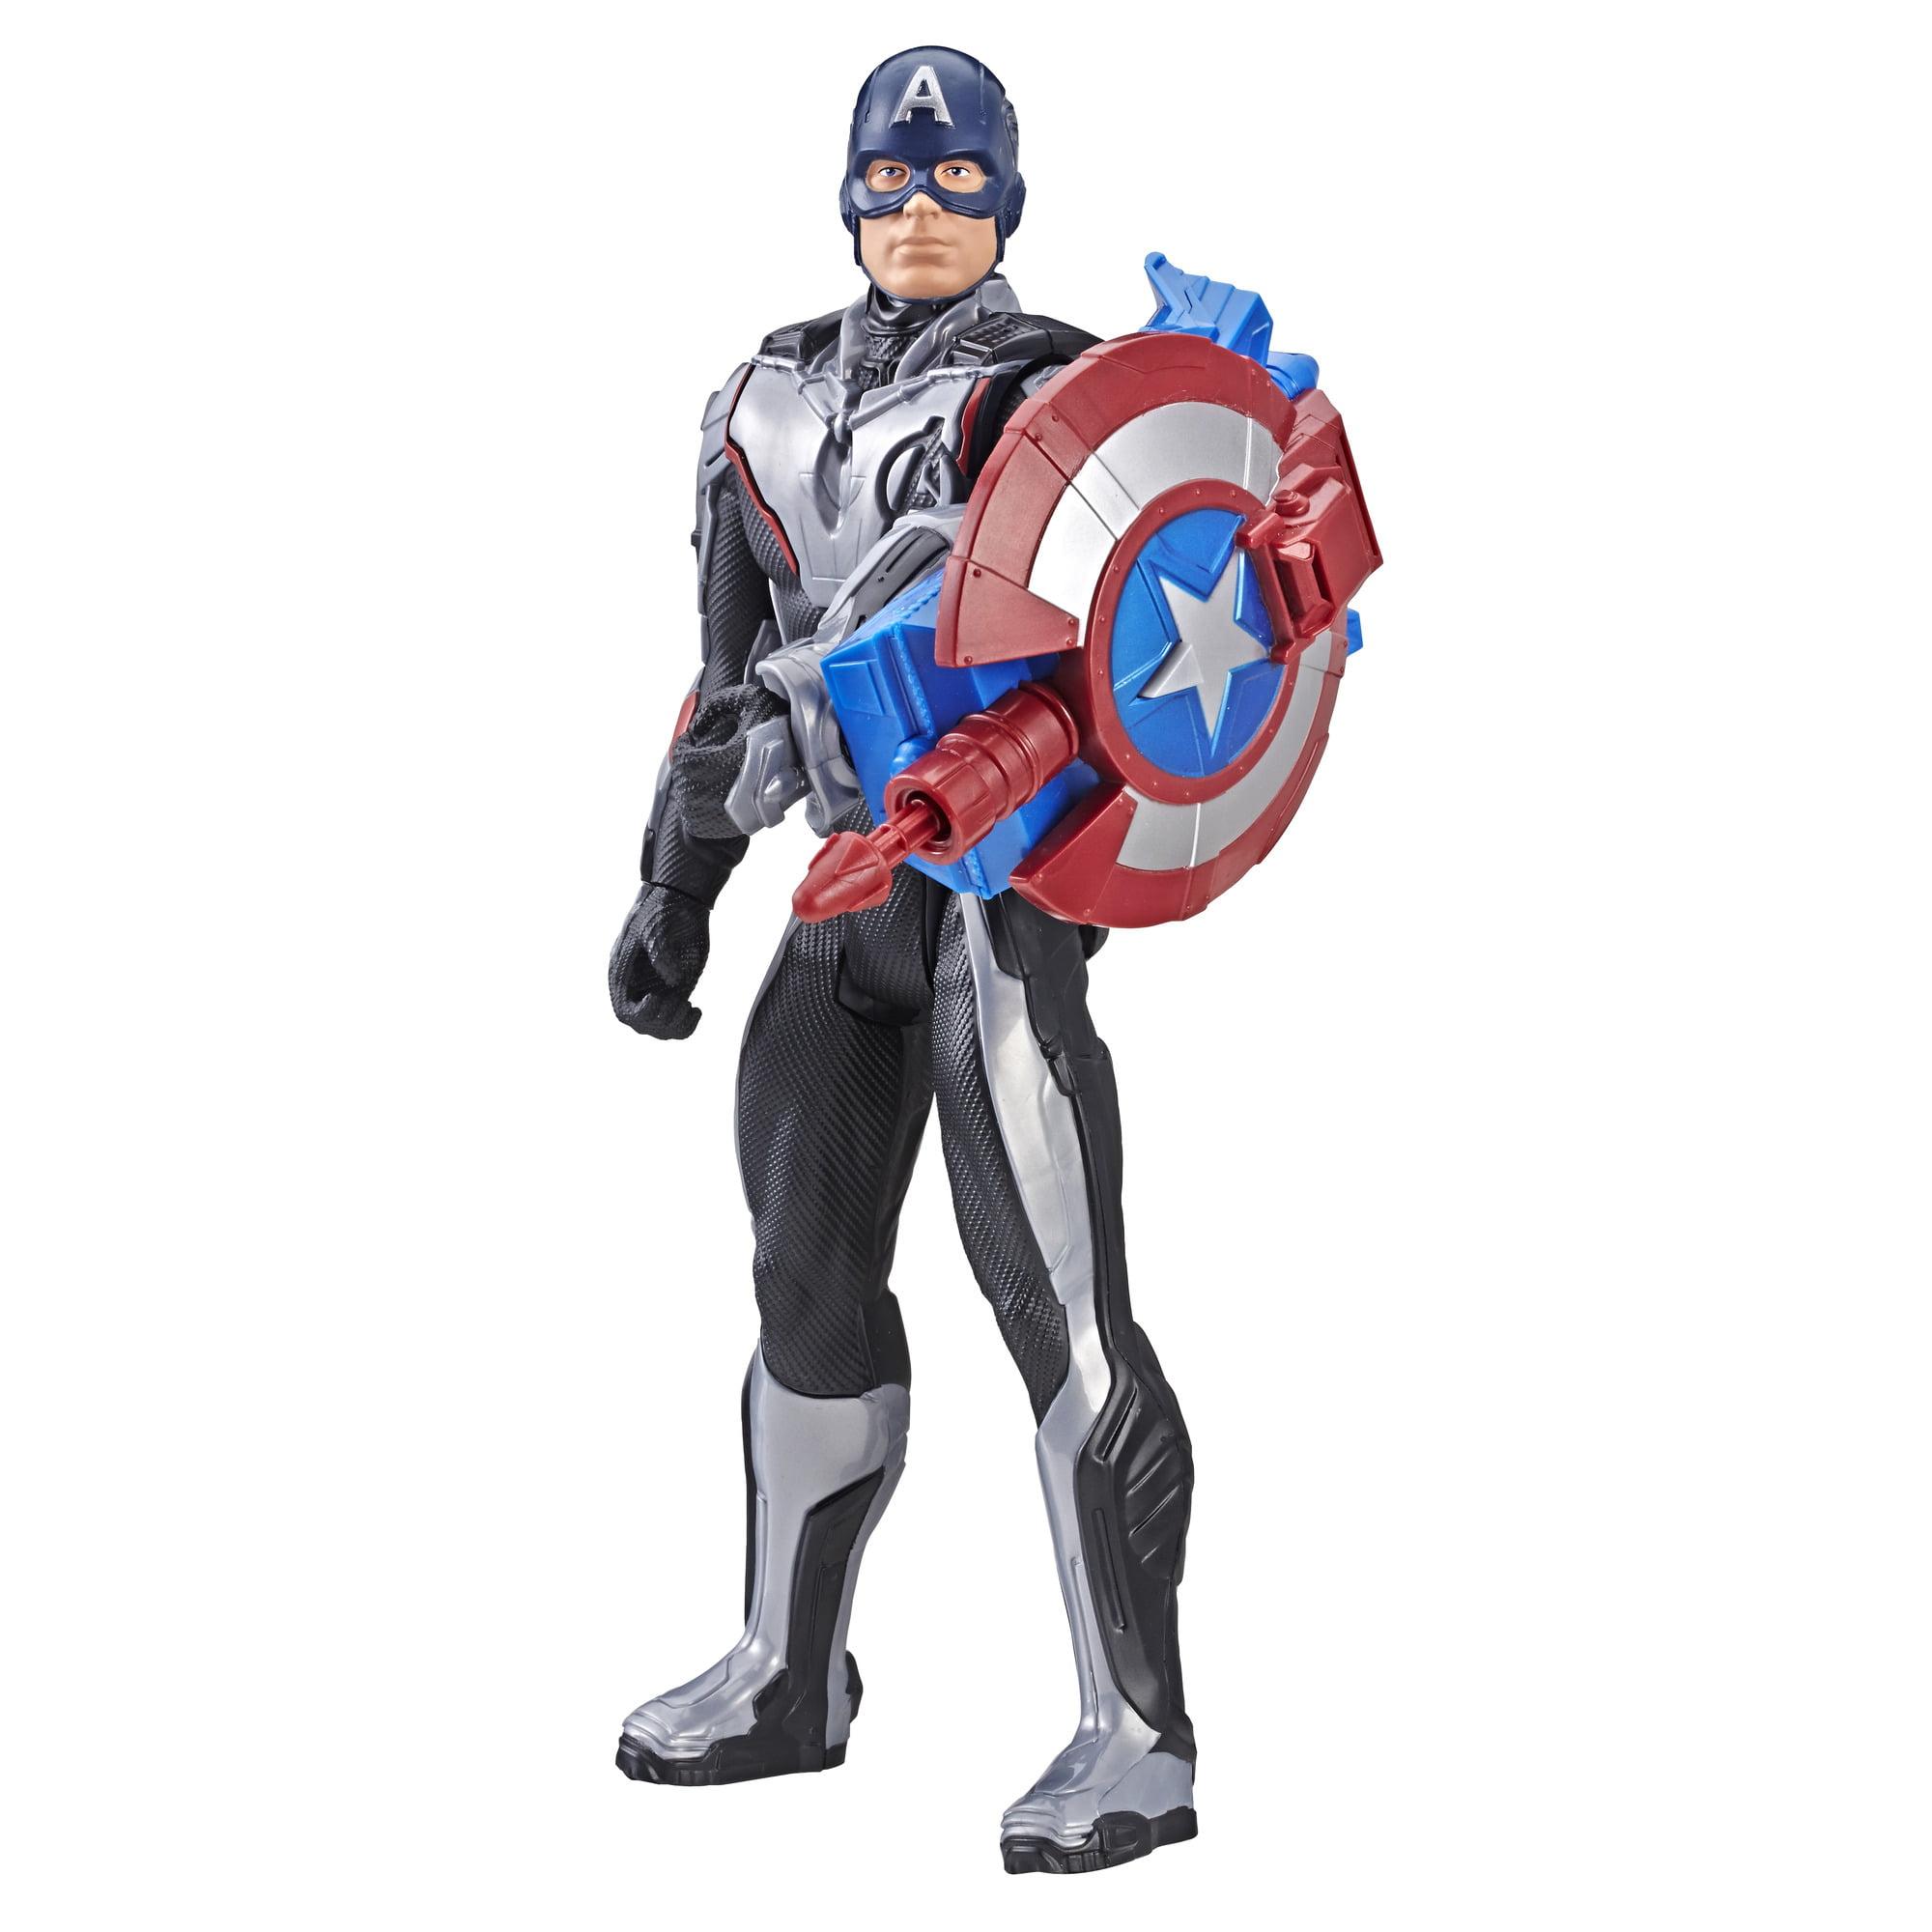 Marvel Avengers: Endgame Titan Hero Power FX Captain America Figure